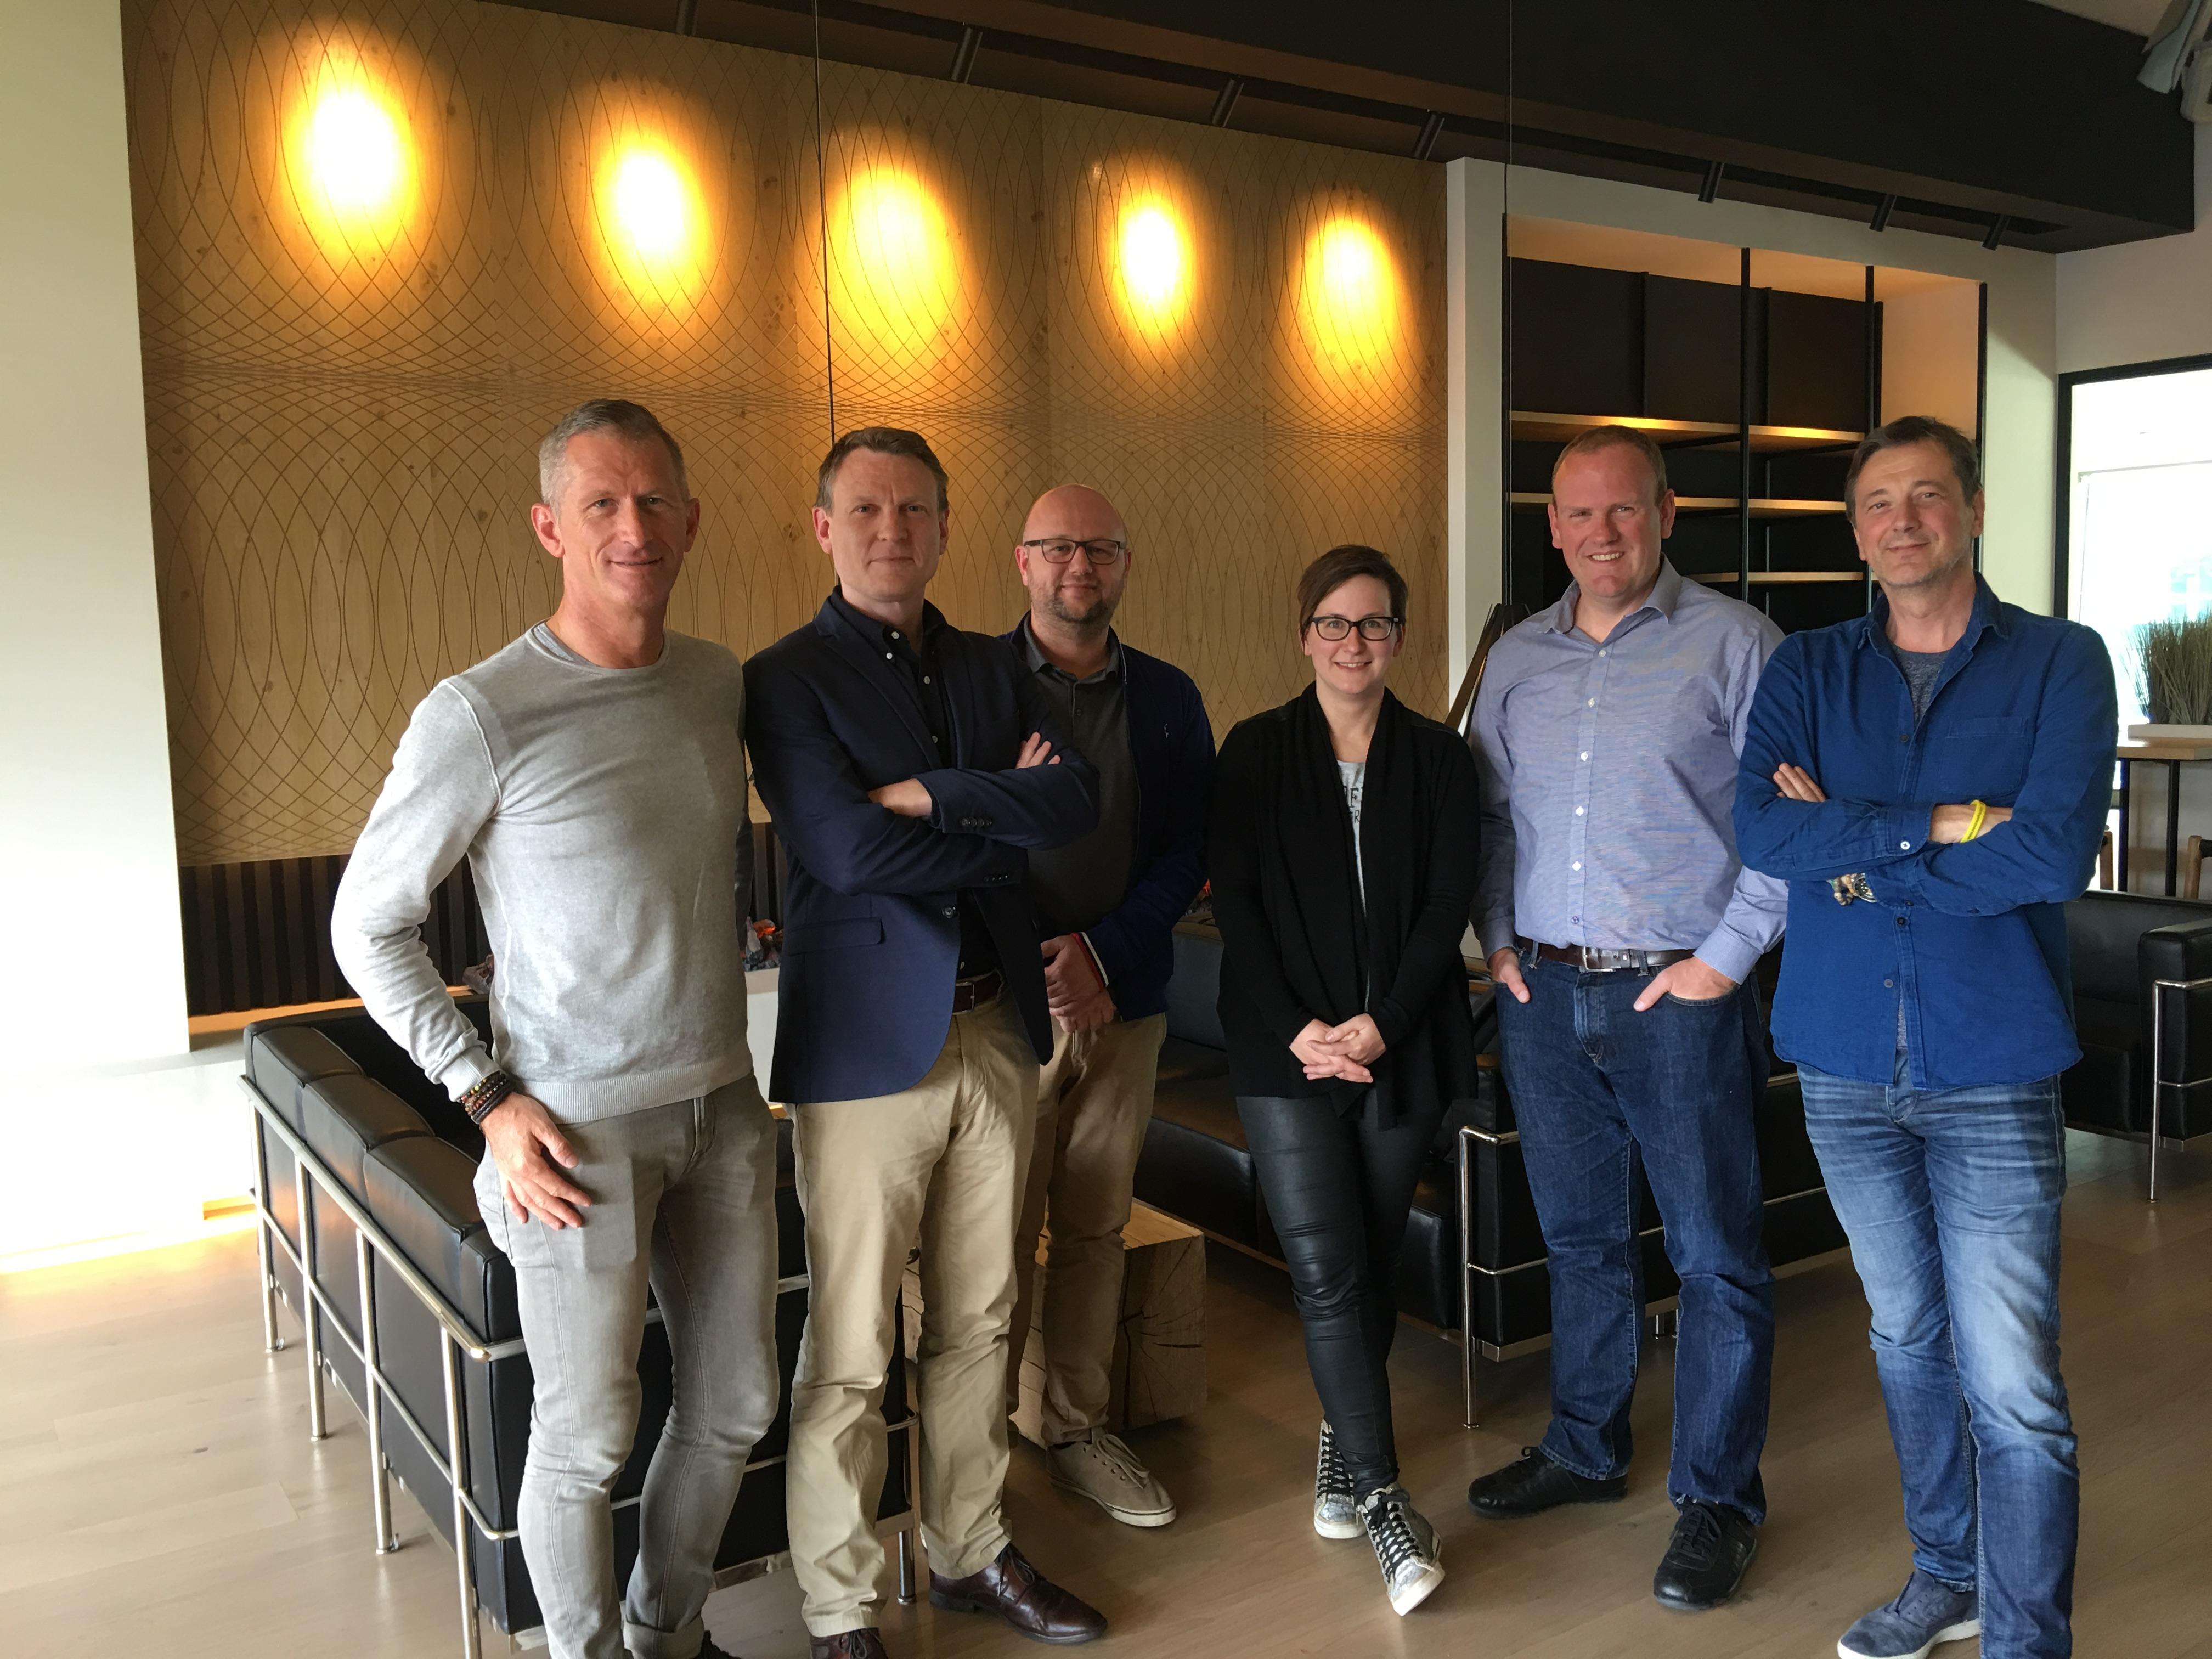 Steven Van Belleghem and Rik Vera now in our Board of Directors